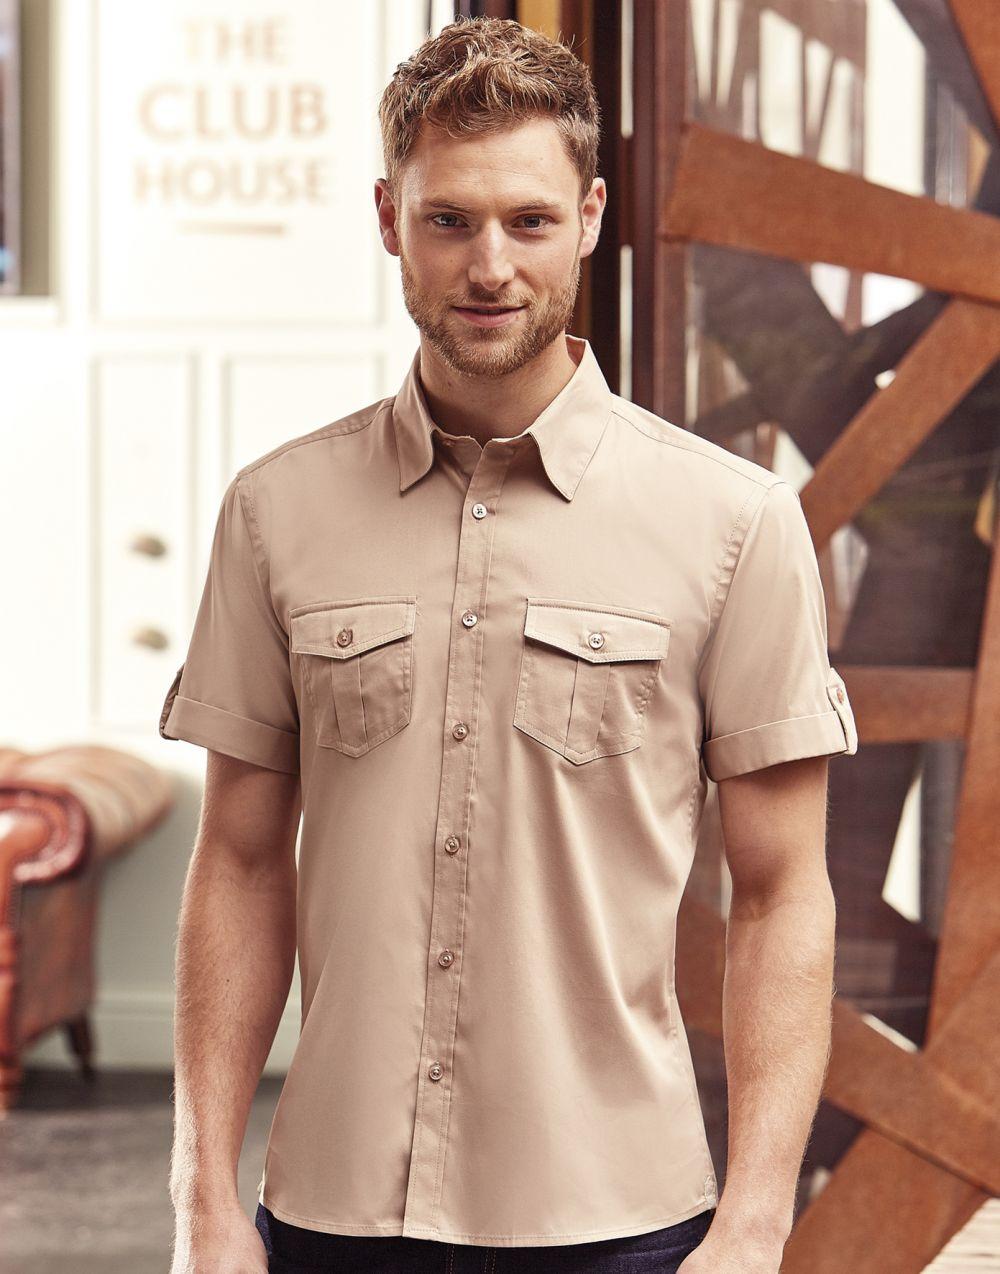 Camisas manga corta russell manga doblada con bolsillos hombre con impresión imagen 2